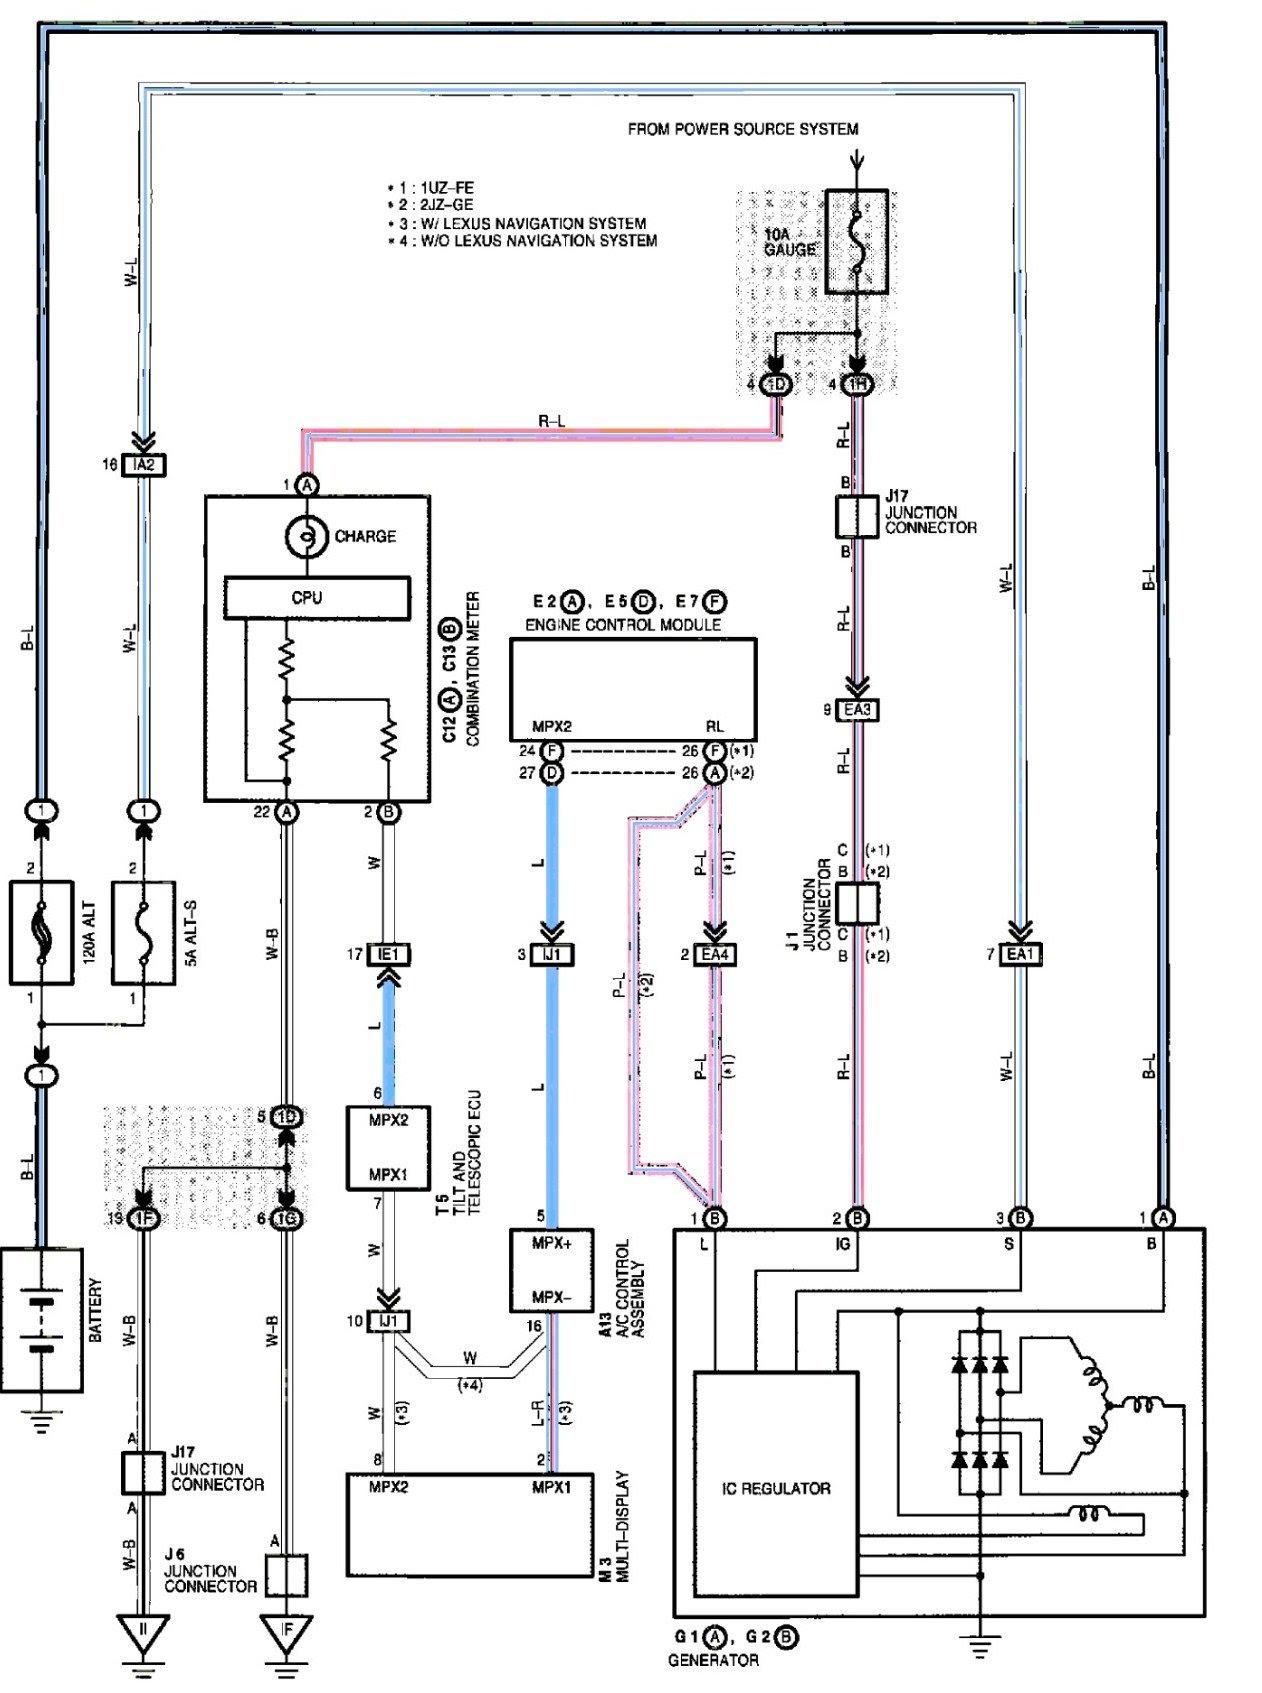 1995 Lexus Ls400 Fuse Box Diagram